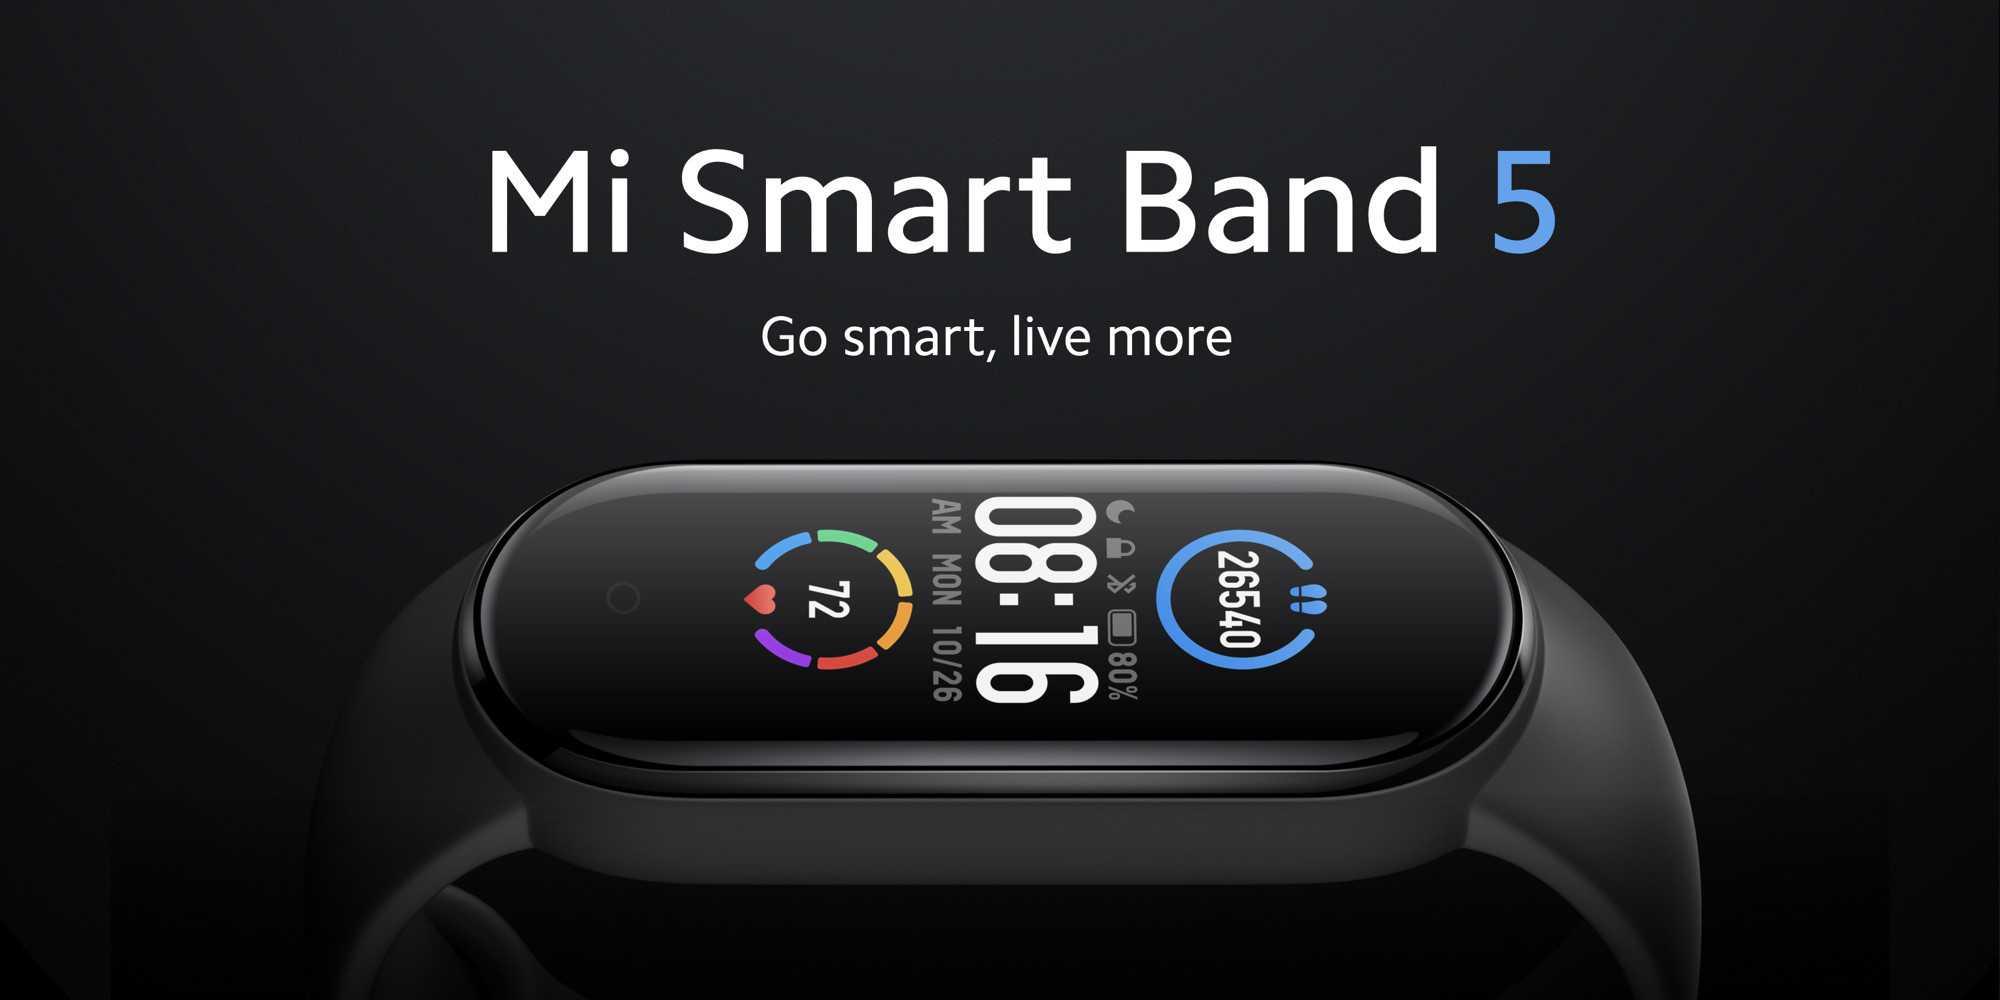 Ранее сообщалось что компания Xiaomi представит 1 апреля около 20 новинок В общей сложности на презентацию будет потрачено около 60 минут То есть представителям